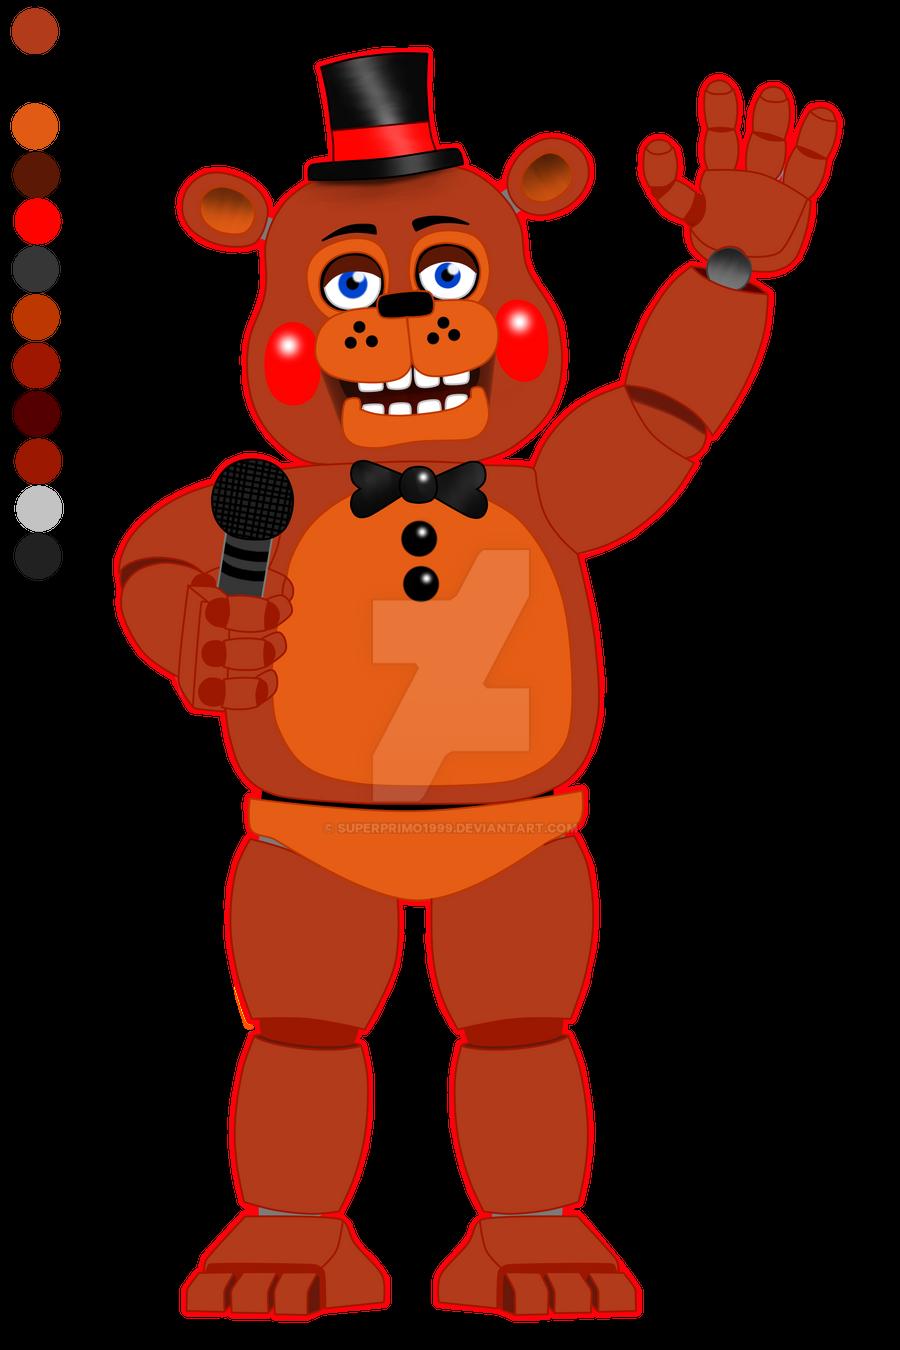 Old Toy Freddy : Toy freddy fnaf by superprimo on deviantart